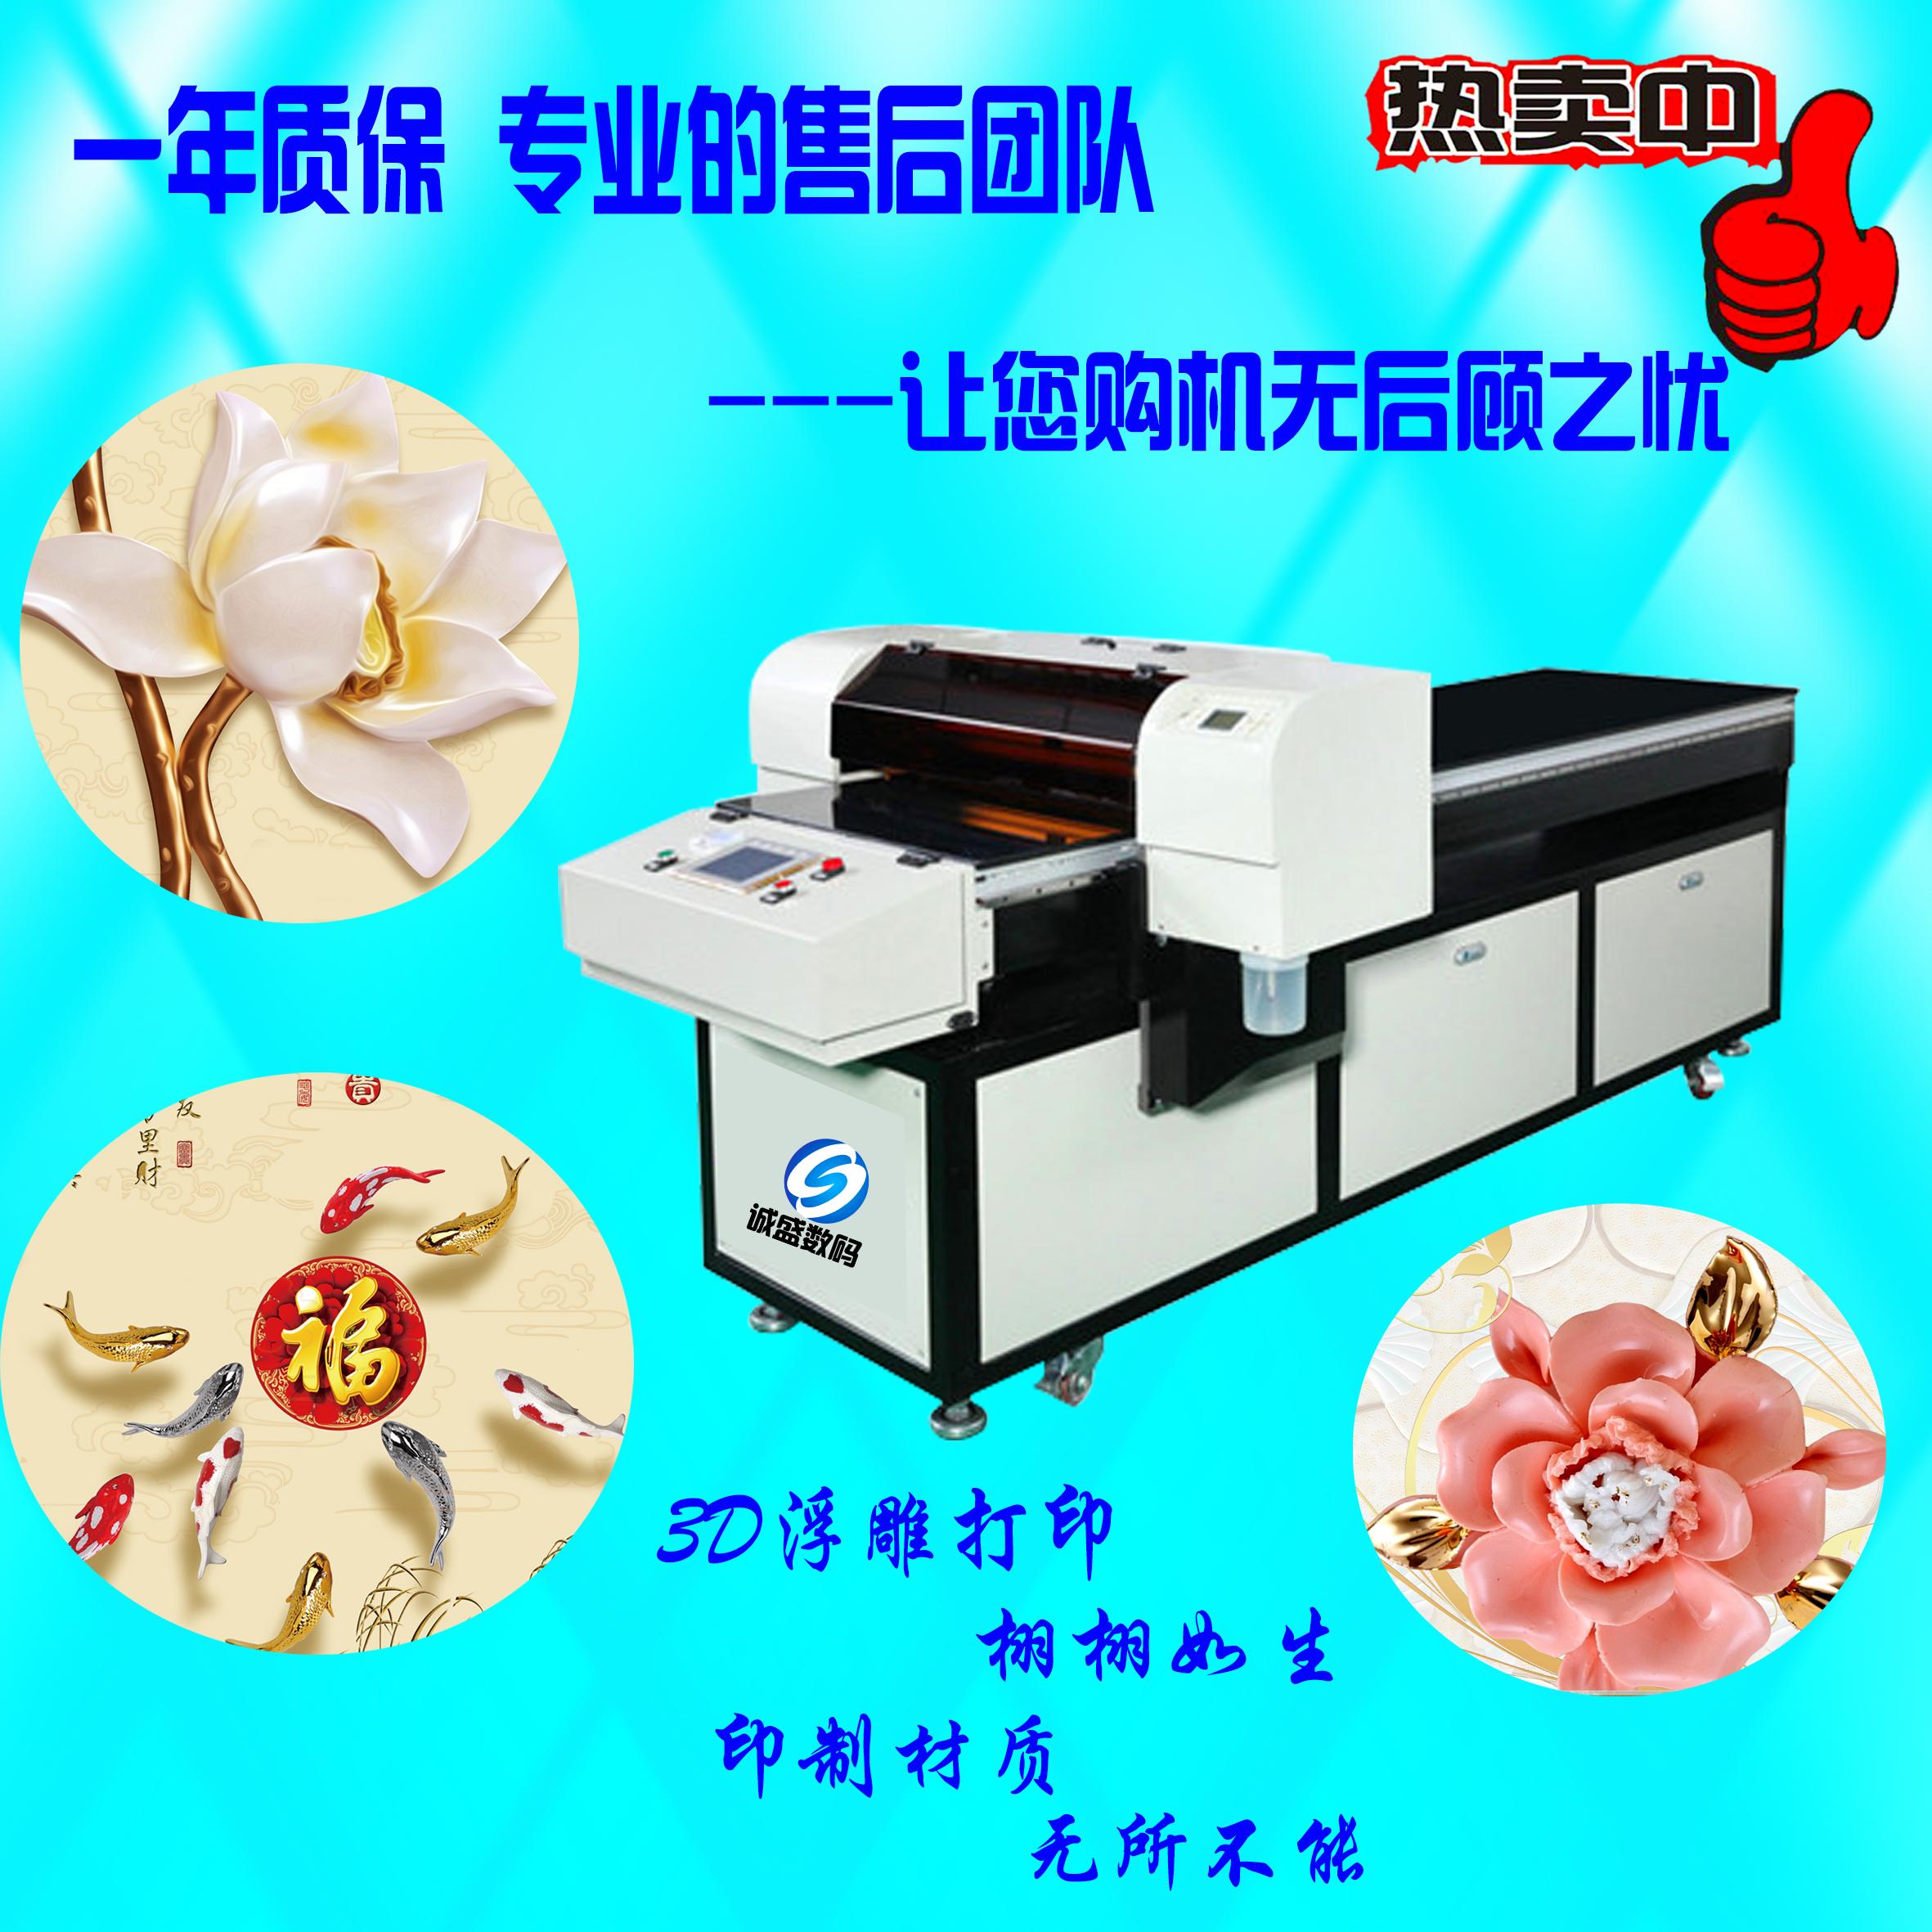 万能打印机玻璃打印机3D平板万能打印机金属亚克力手机壳打印机